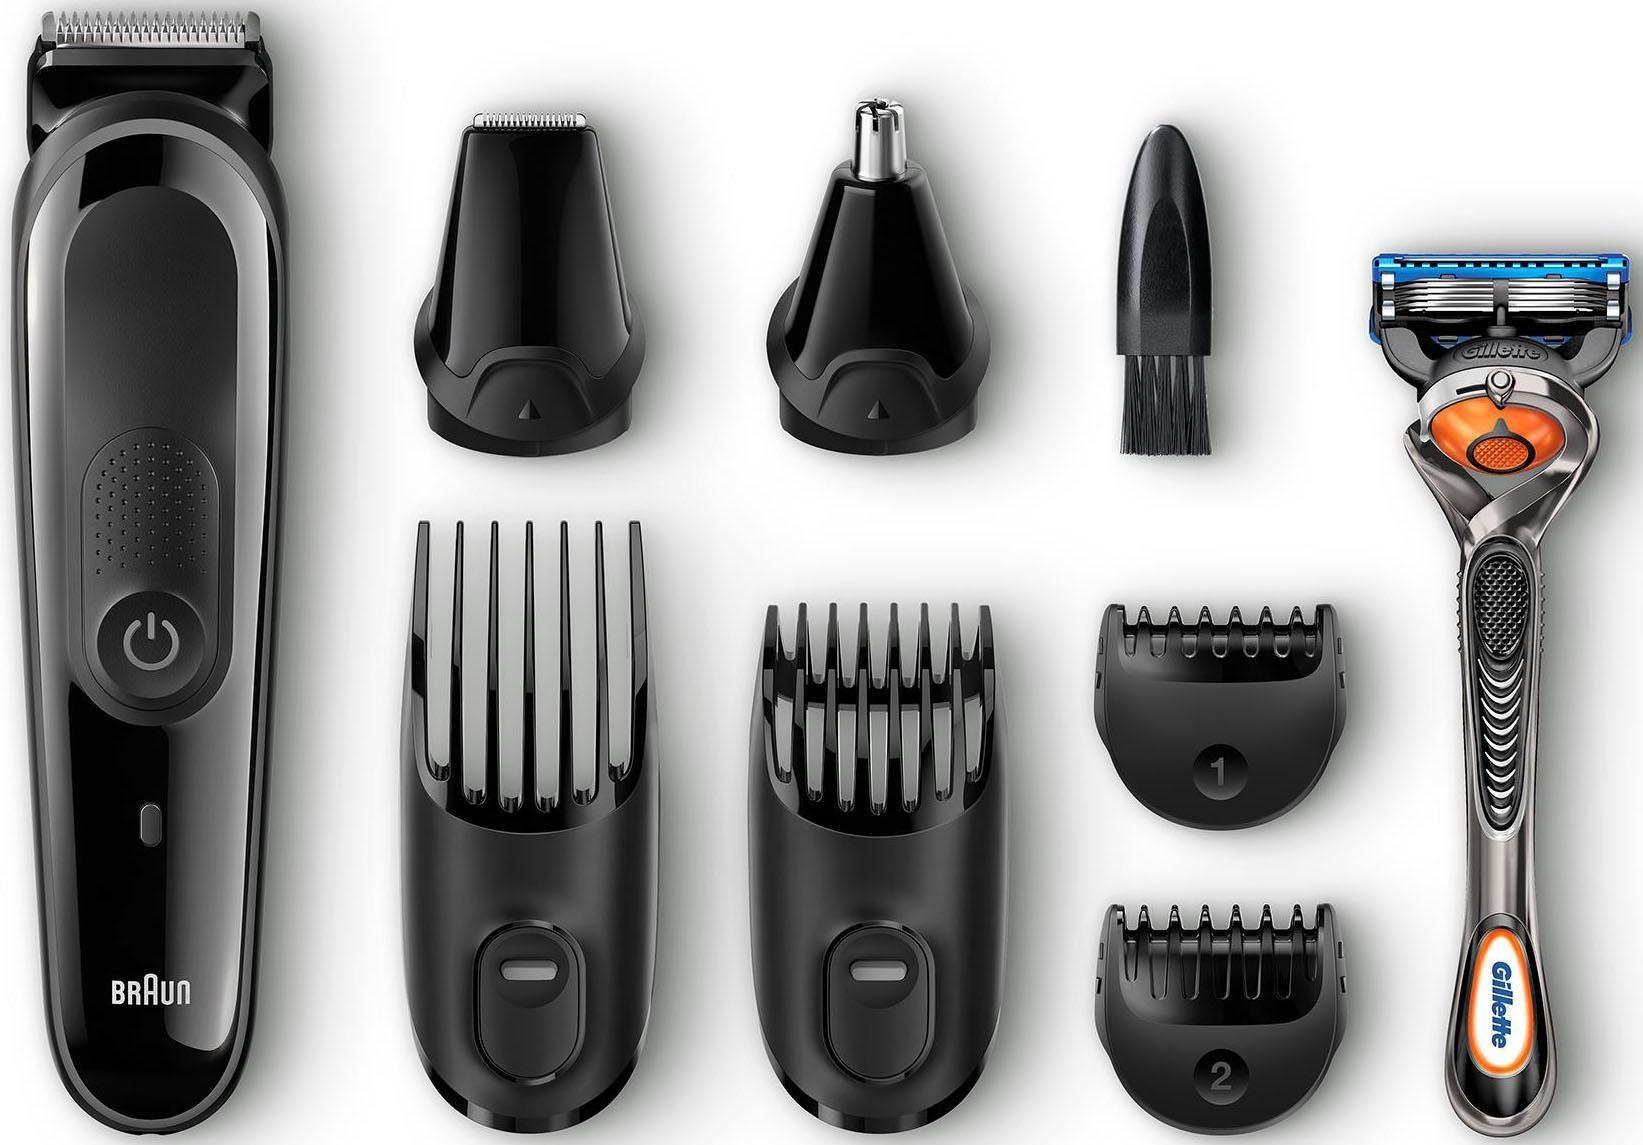 Braun Multigrooming-Set MGK3060, 8-In-1 Präzisions-Bart- und Haartrimmerset